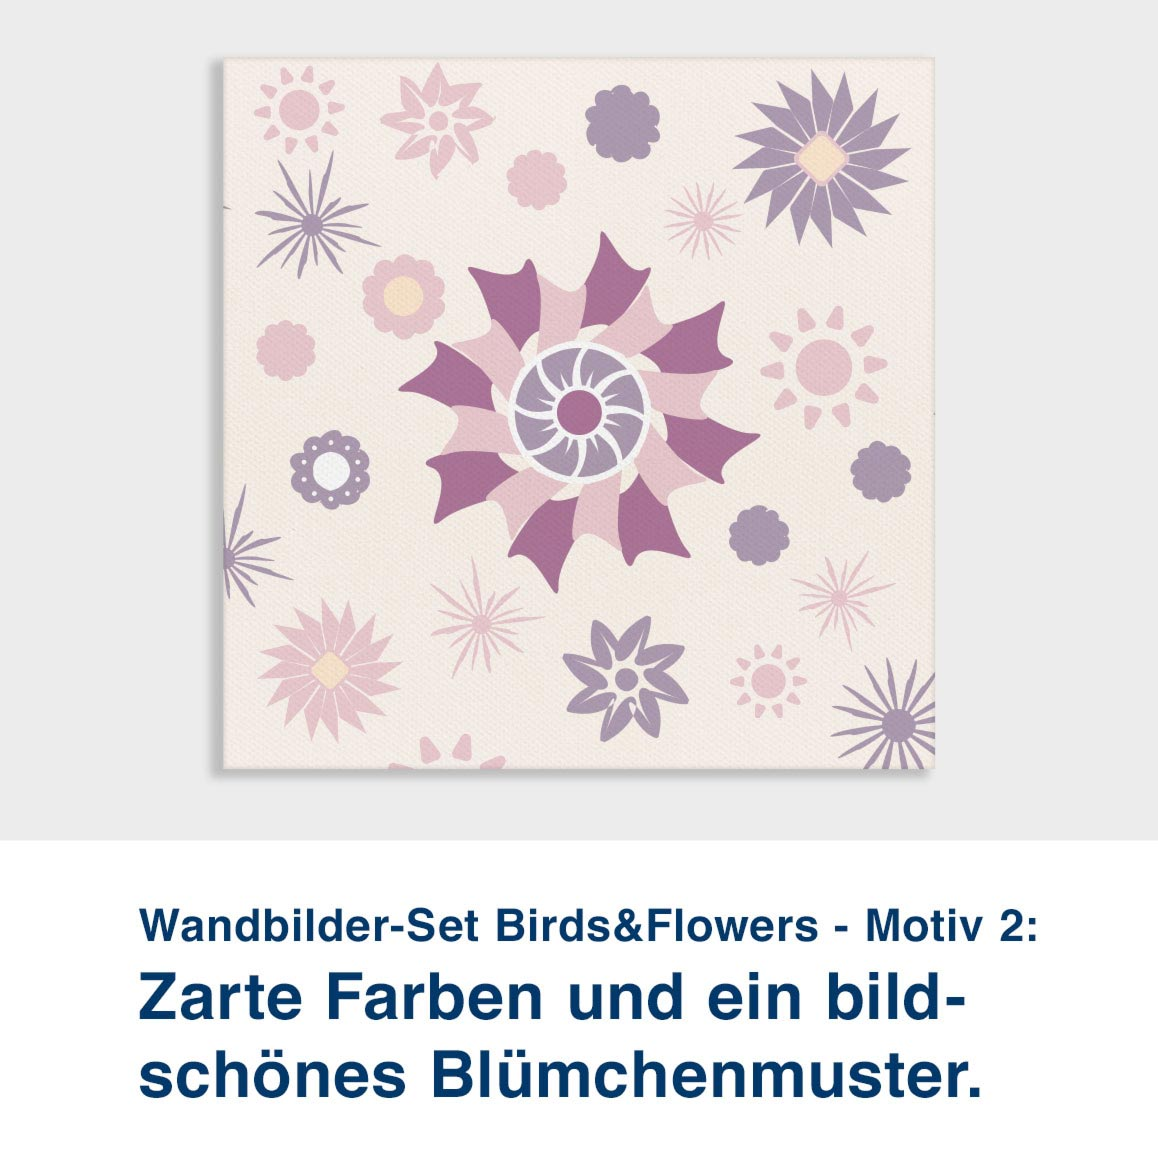 Wandbilder-Set Birds&Flowers - Motiv 2:  Zarte Farben und ein bild- schönes Blümchenmuster.